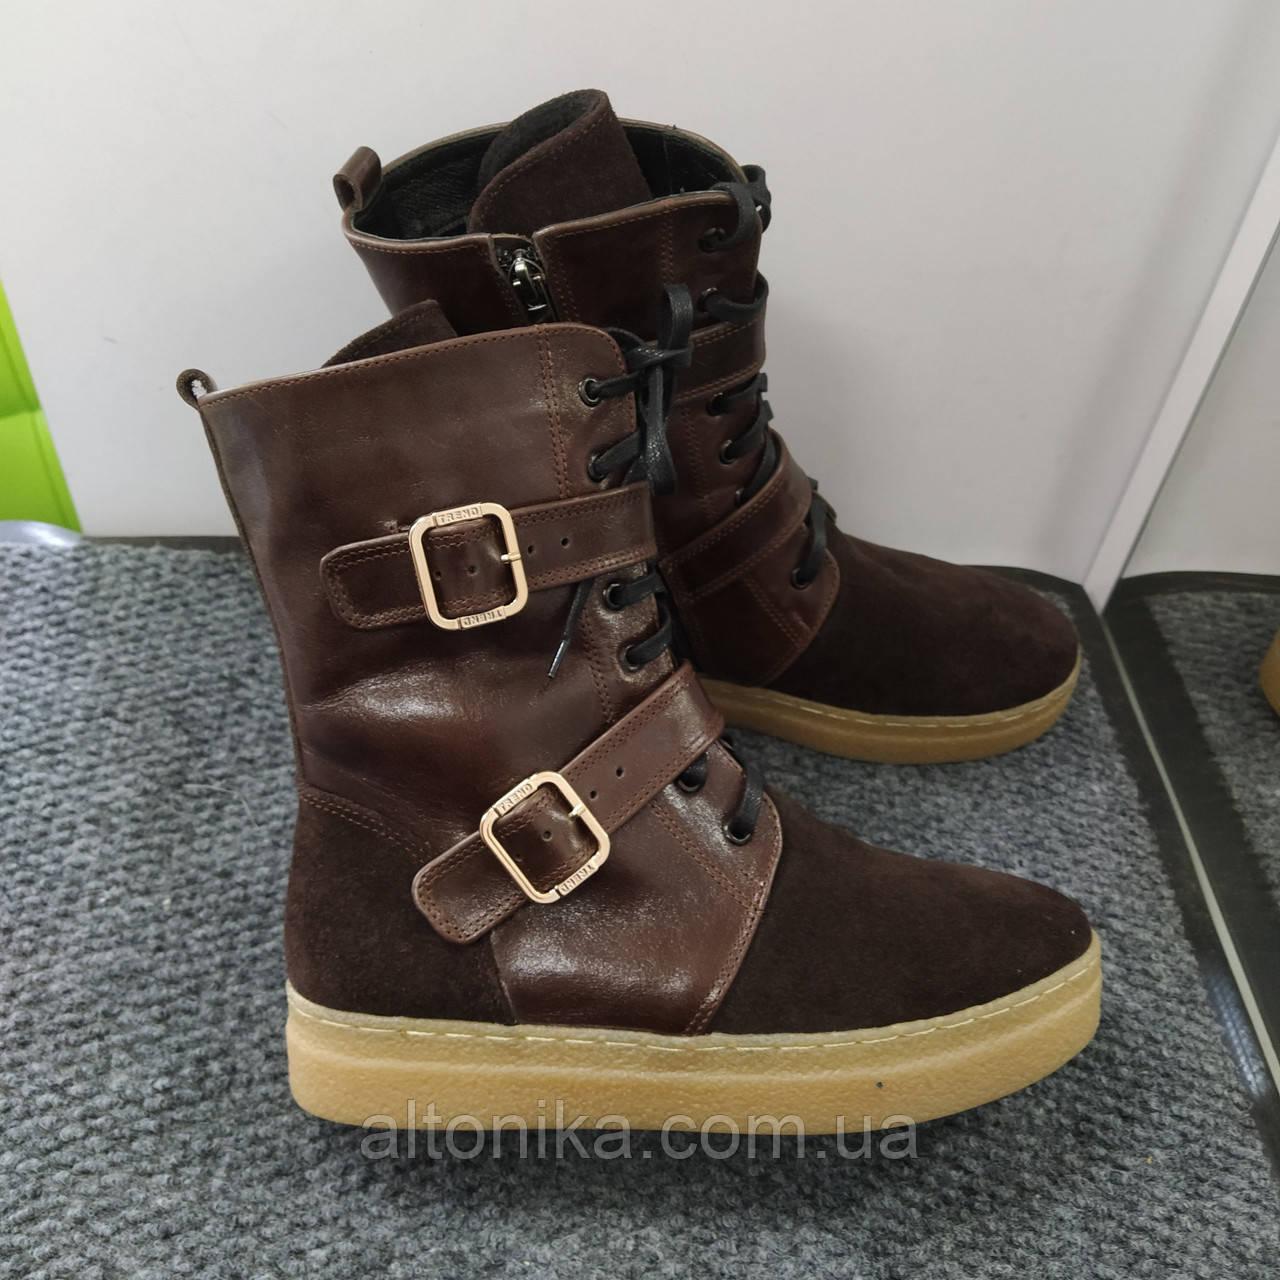 STTOPA деми зима. Размеры 36-41. Ботинки кожаные больших размеров! С9-30-3641-35-3345 Коричневые